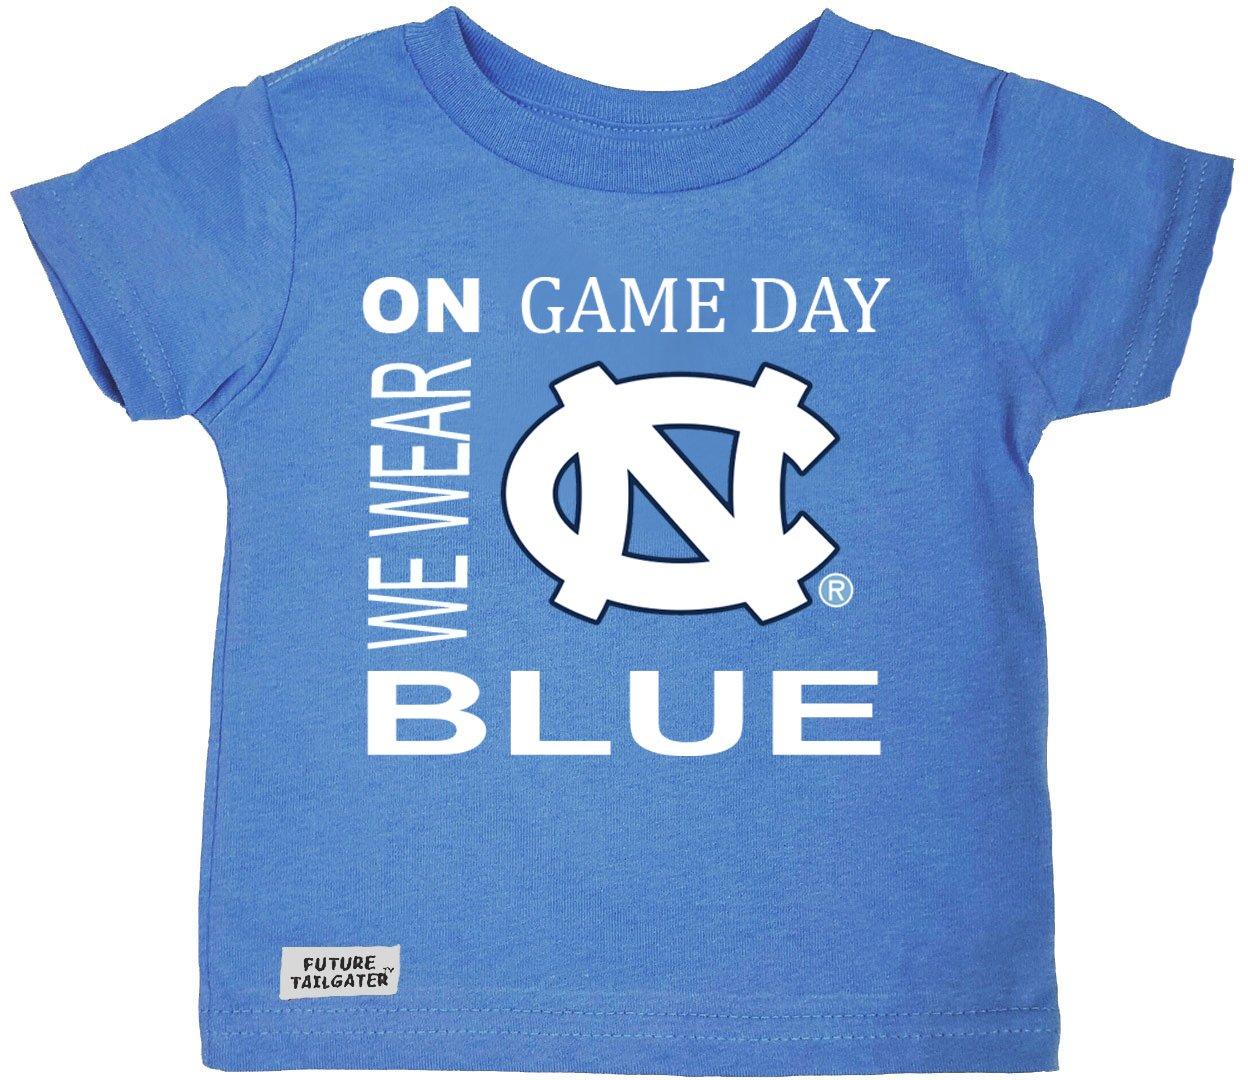 好きに North on Carolina TarヒールUNC on Game Game months Dayベビー/幼児用Tシャツ 6 months B072JPJDQV, エビノ市:c13297ee --- a0267596.xsph.ru